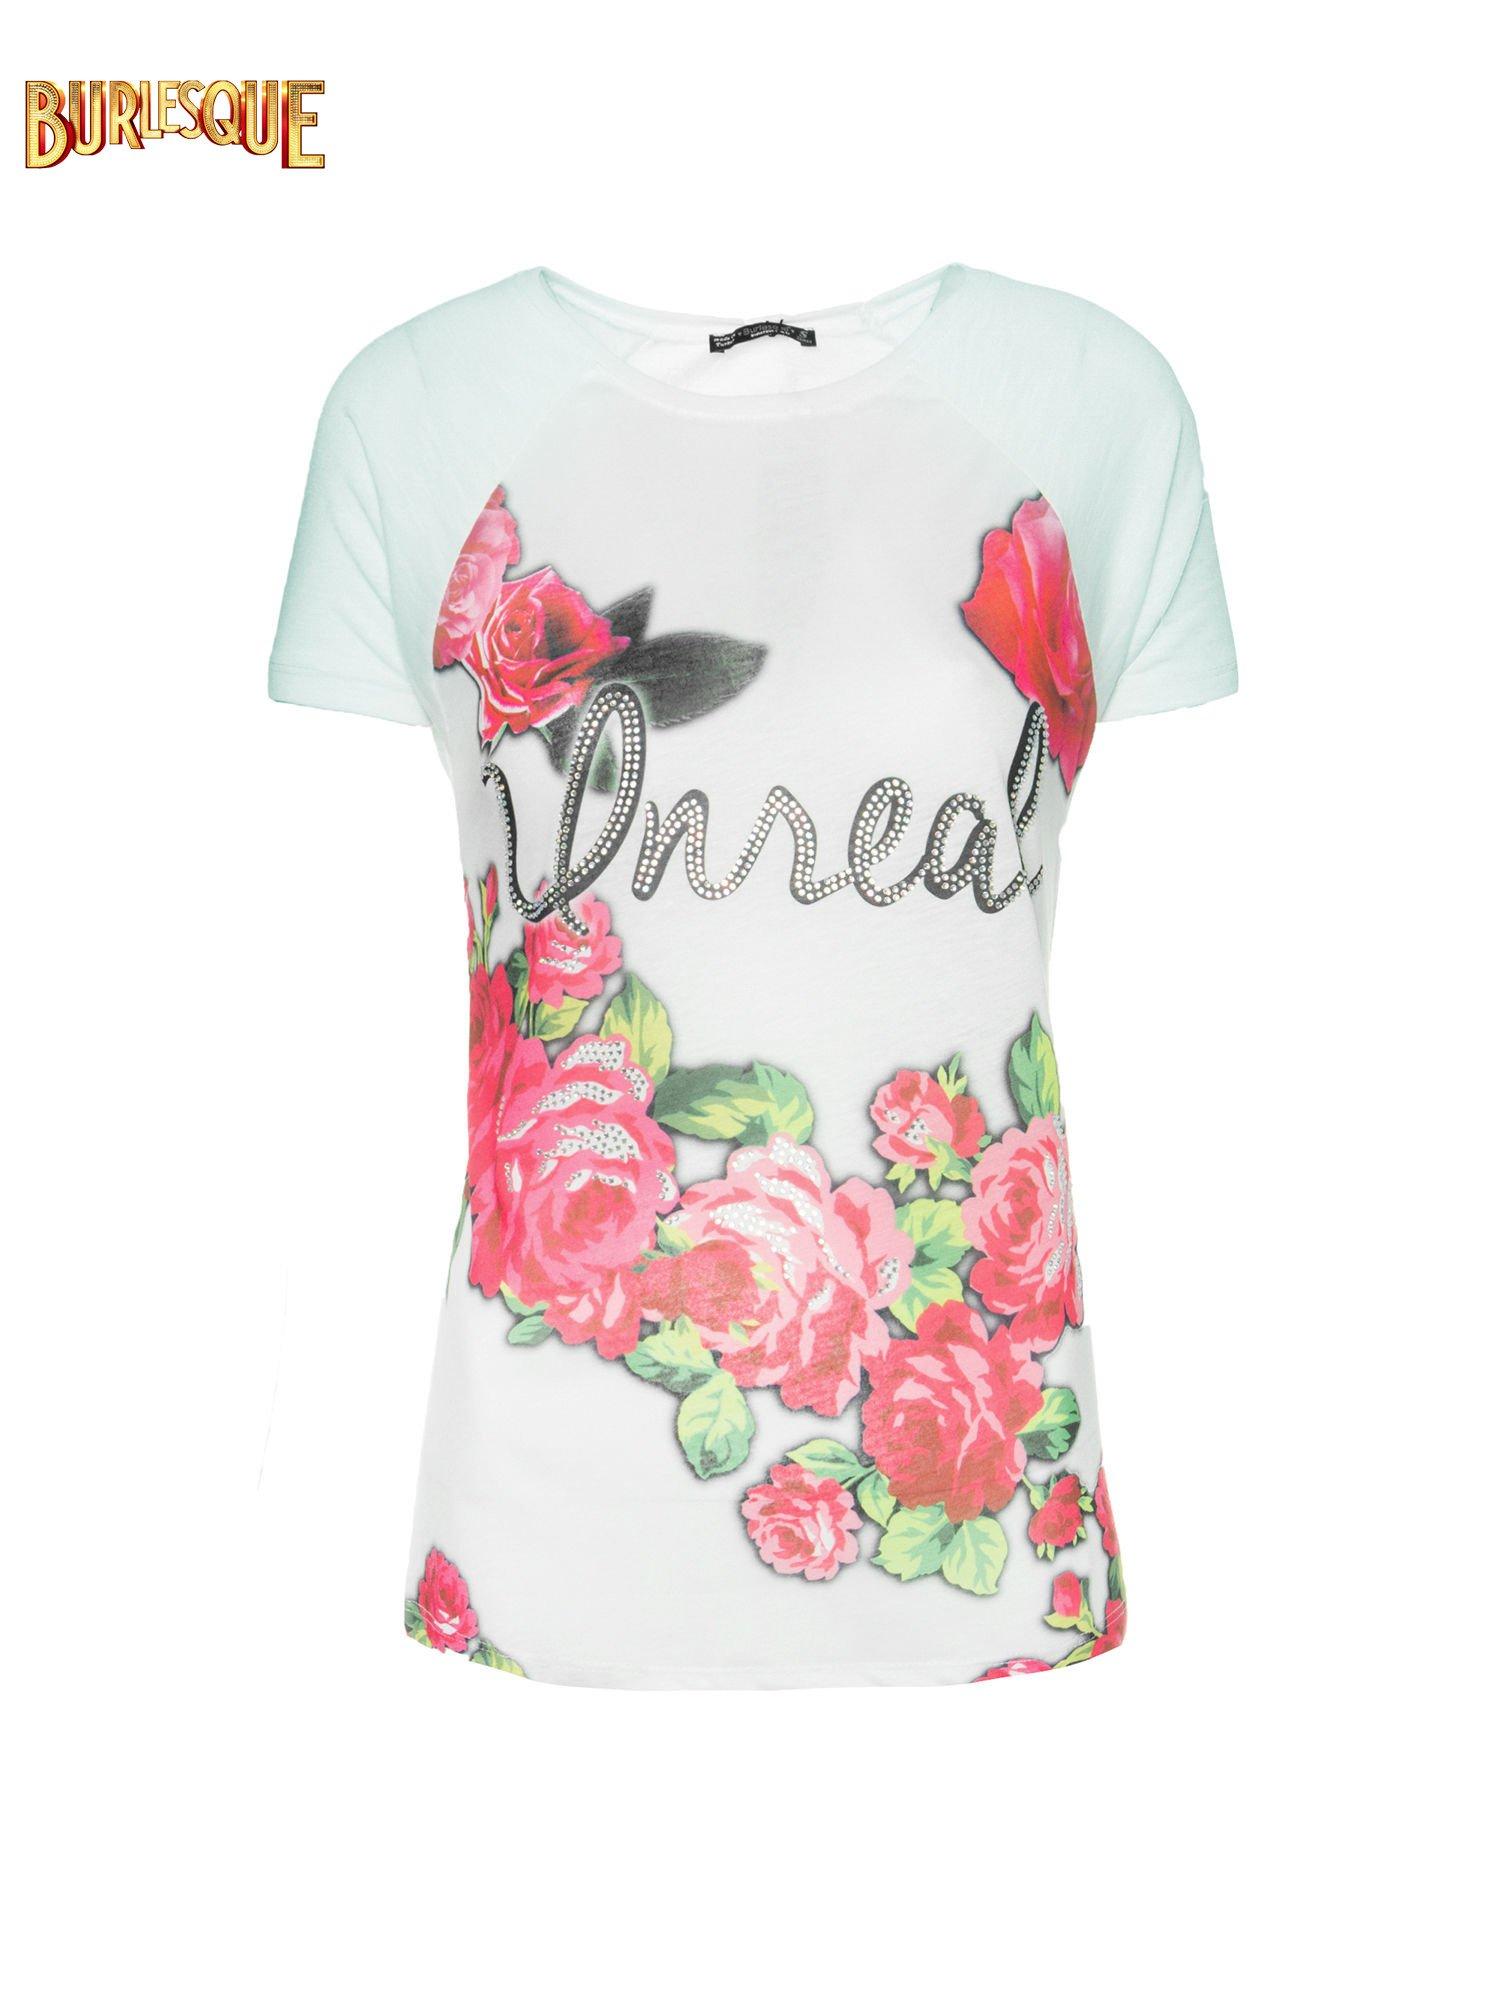 Jasnozielony t-shirt z kwiatowym nadrukiem i napisem UNREAL                                  zdj.                                  1